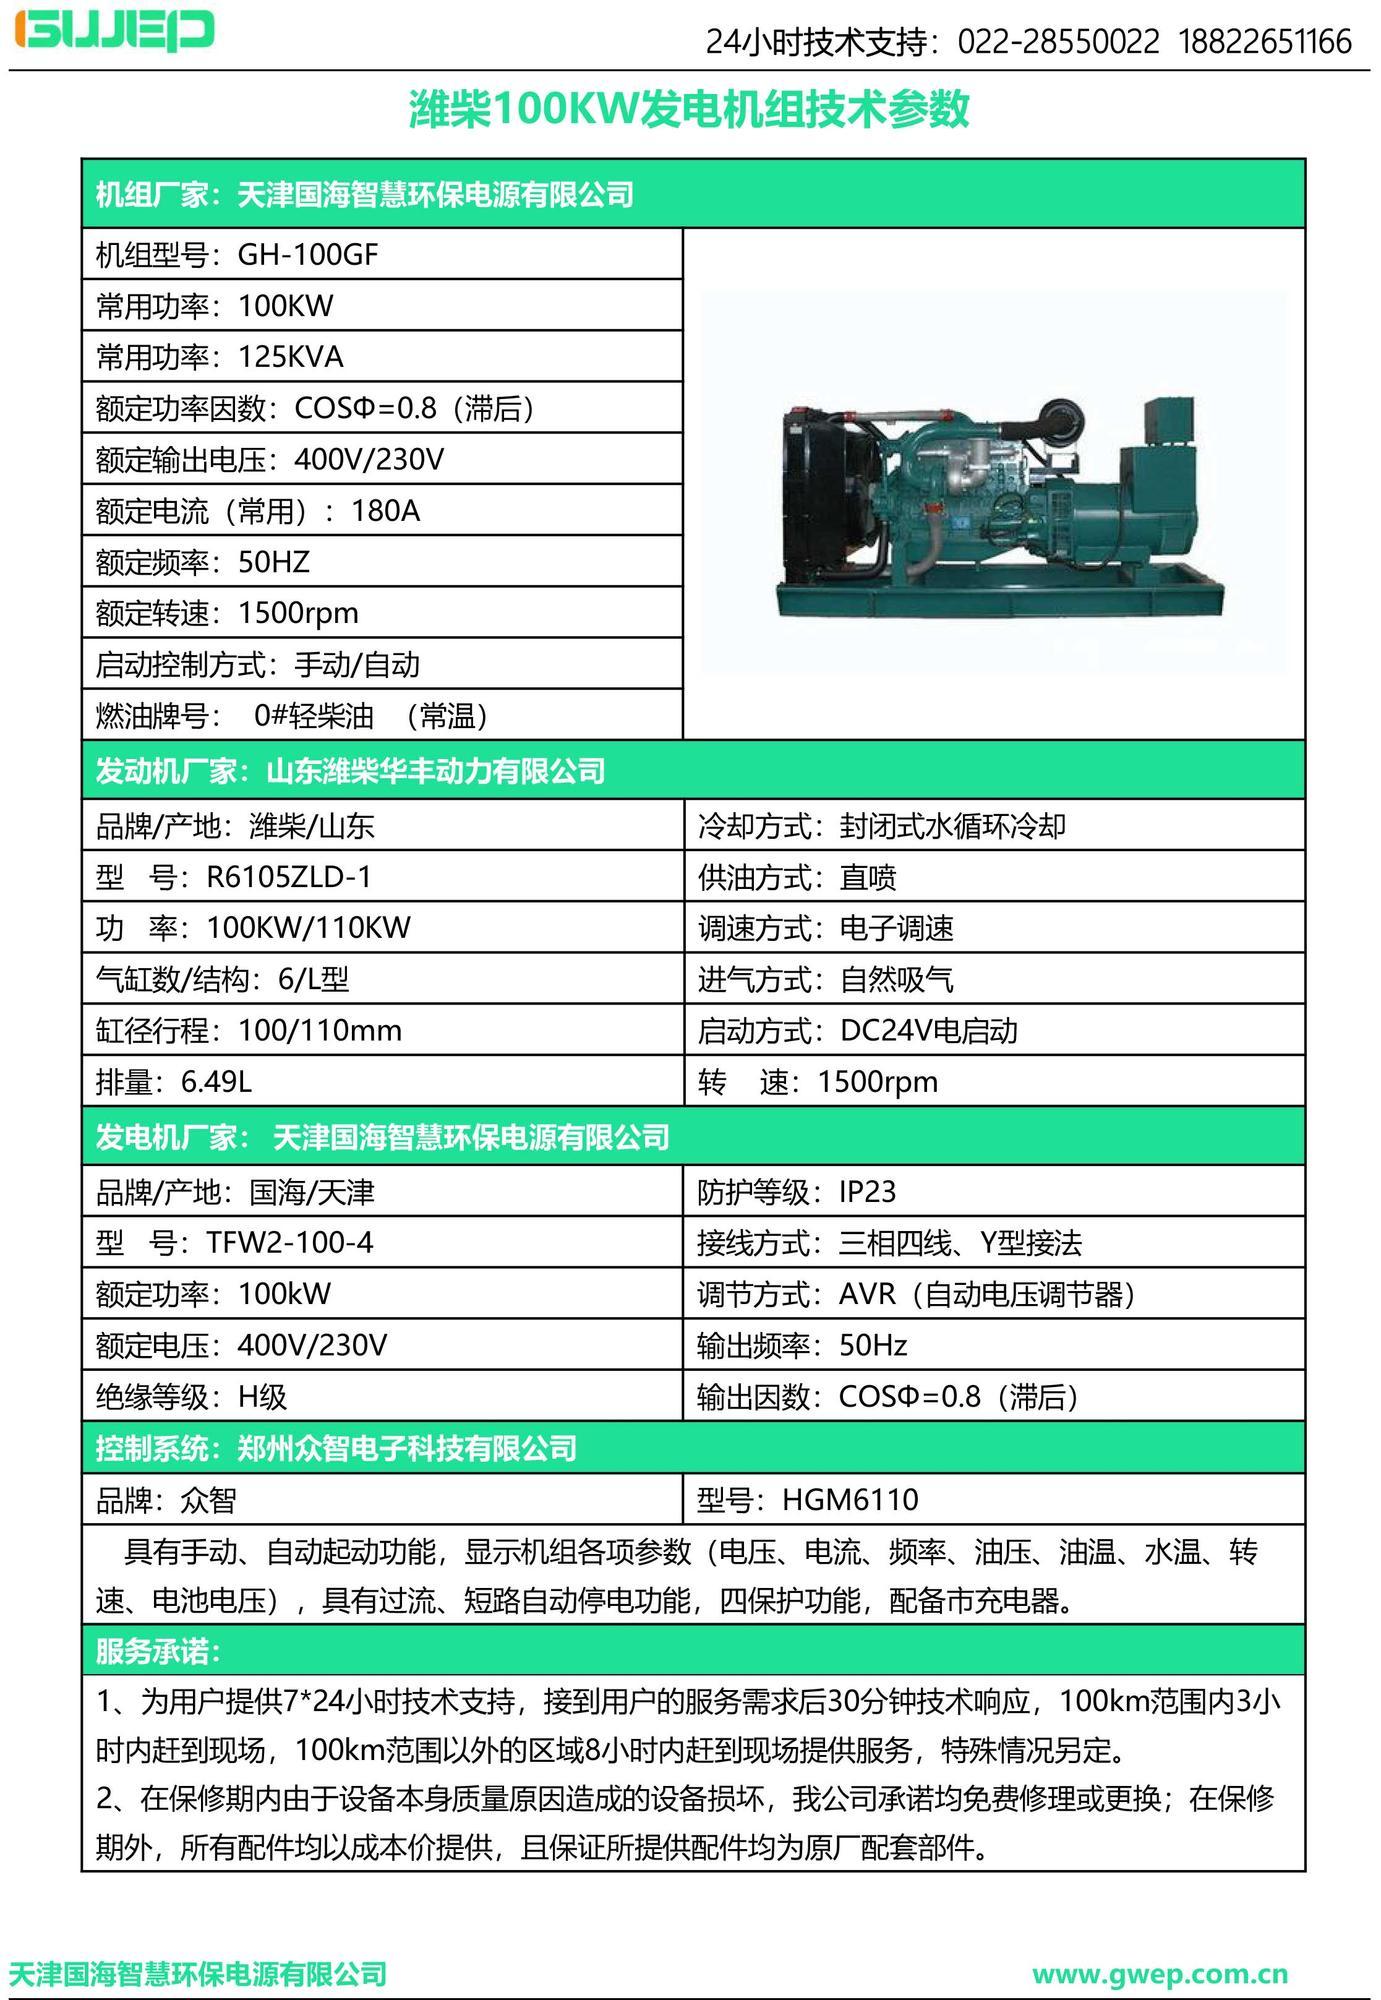 濰柴100KW發電機組技術資料-2.jpg